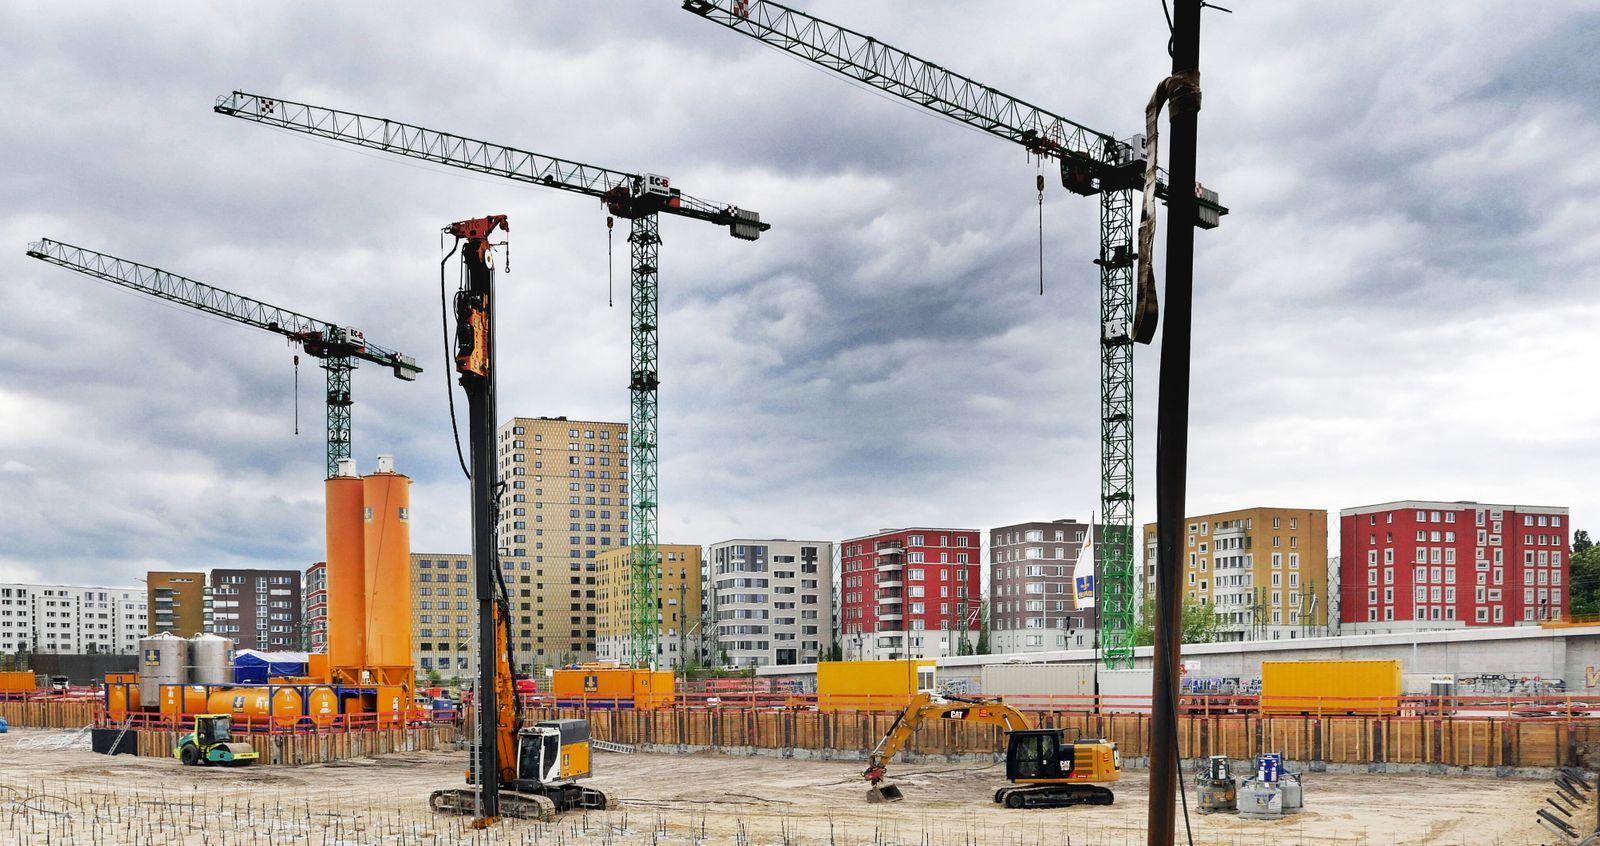 03.05.2020, Berlin - Deutschland. Neubauten in bester Lage, es entsteht ein neues Stadtviertel in zentraler Lage. *** 03